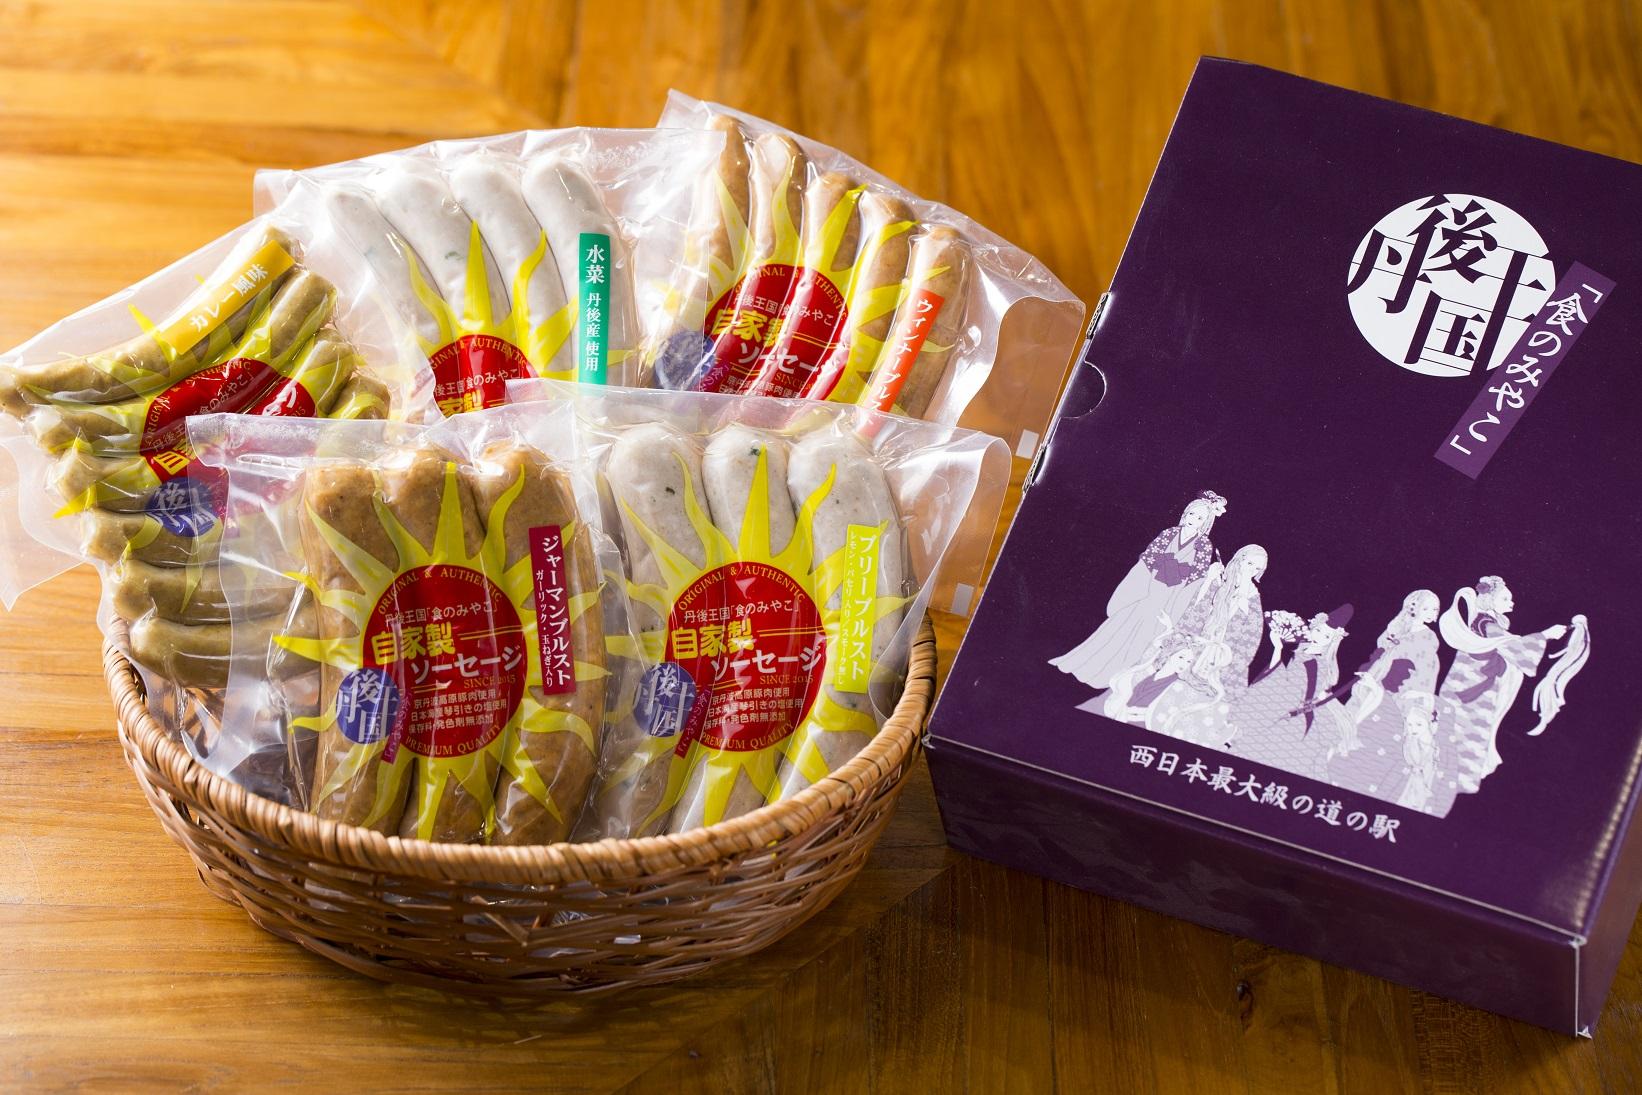 京都のブランド豚肉使用 自家製ソーセージ【5袋セット】【贈答用】 丹後クラフトビールとの相性も◎